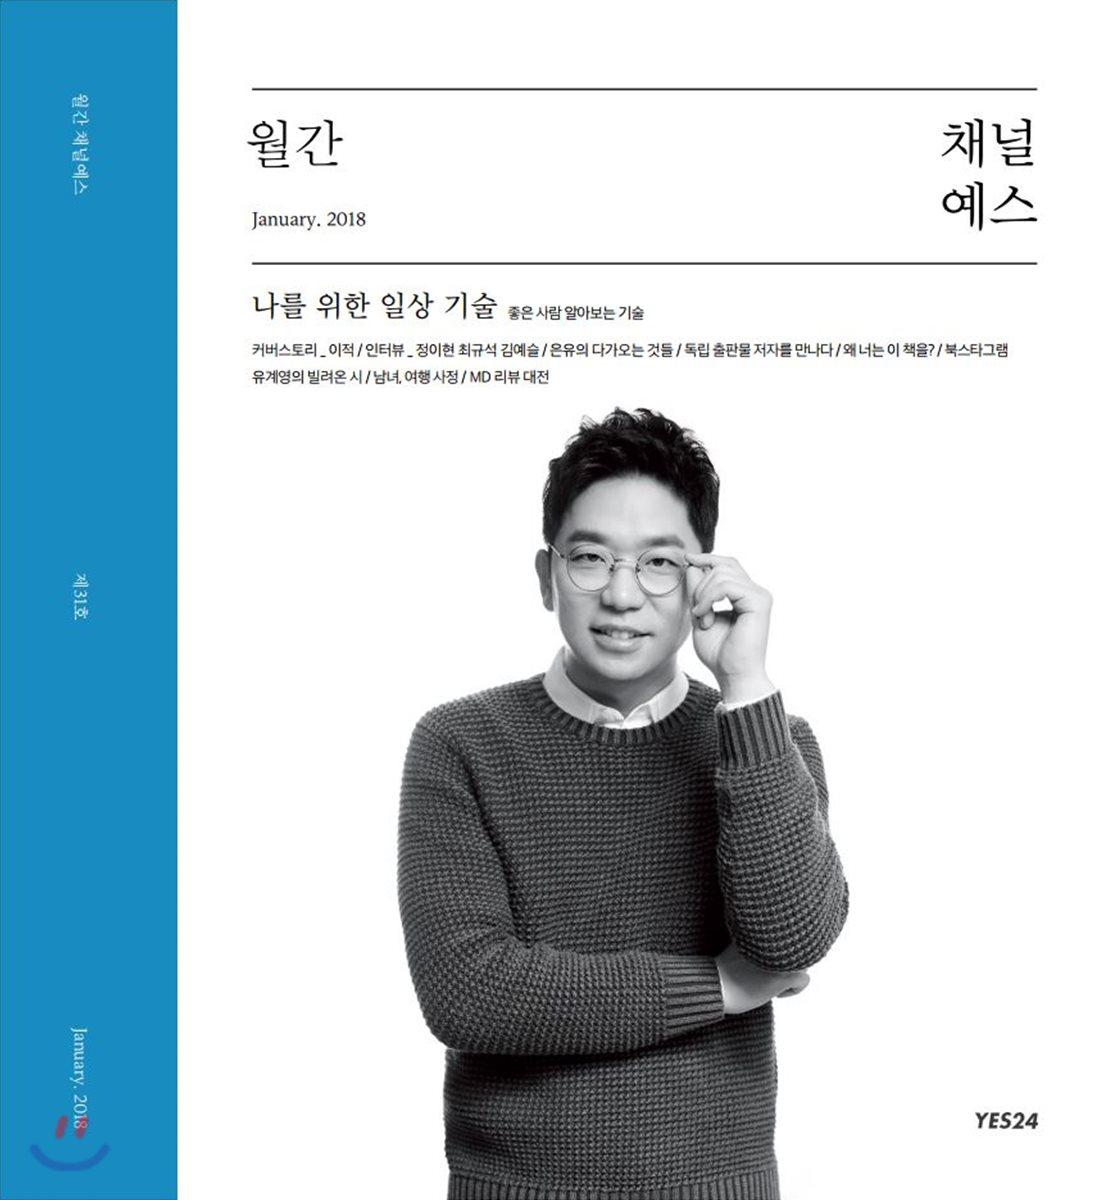 월간 채널예스 2018년 1월호